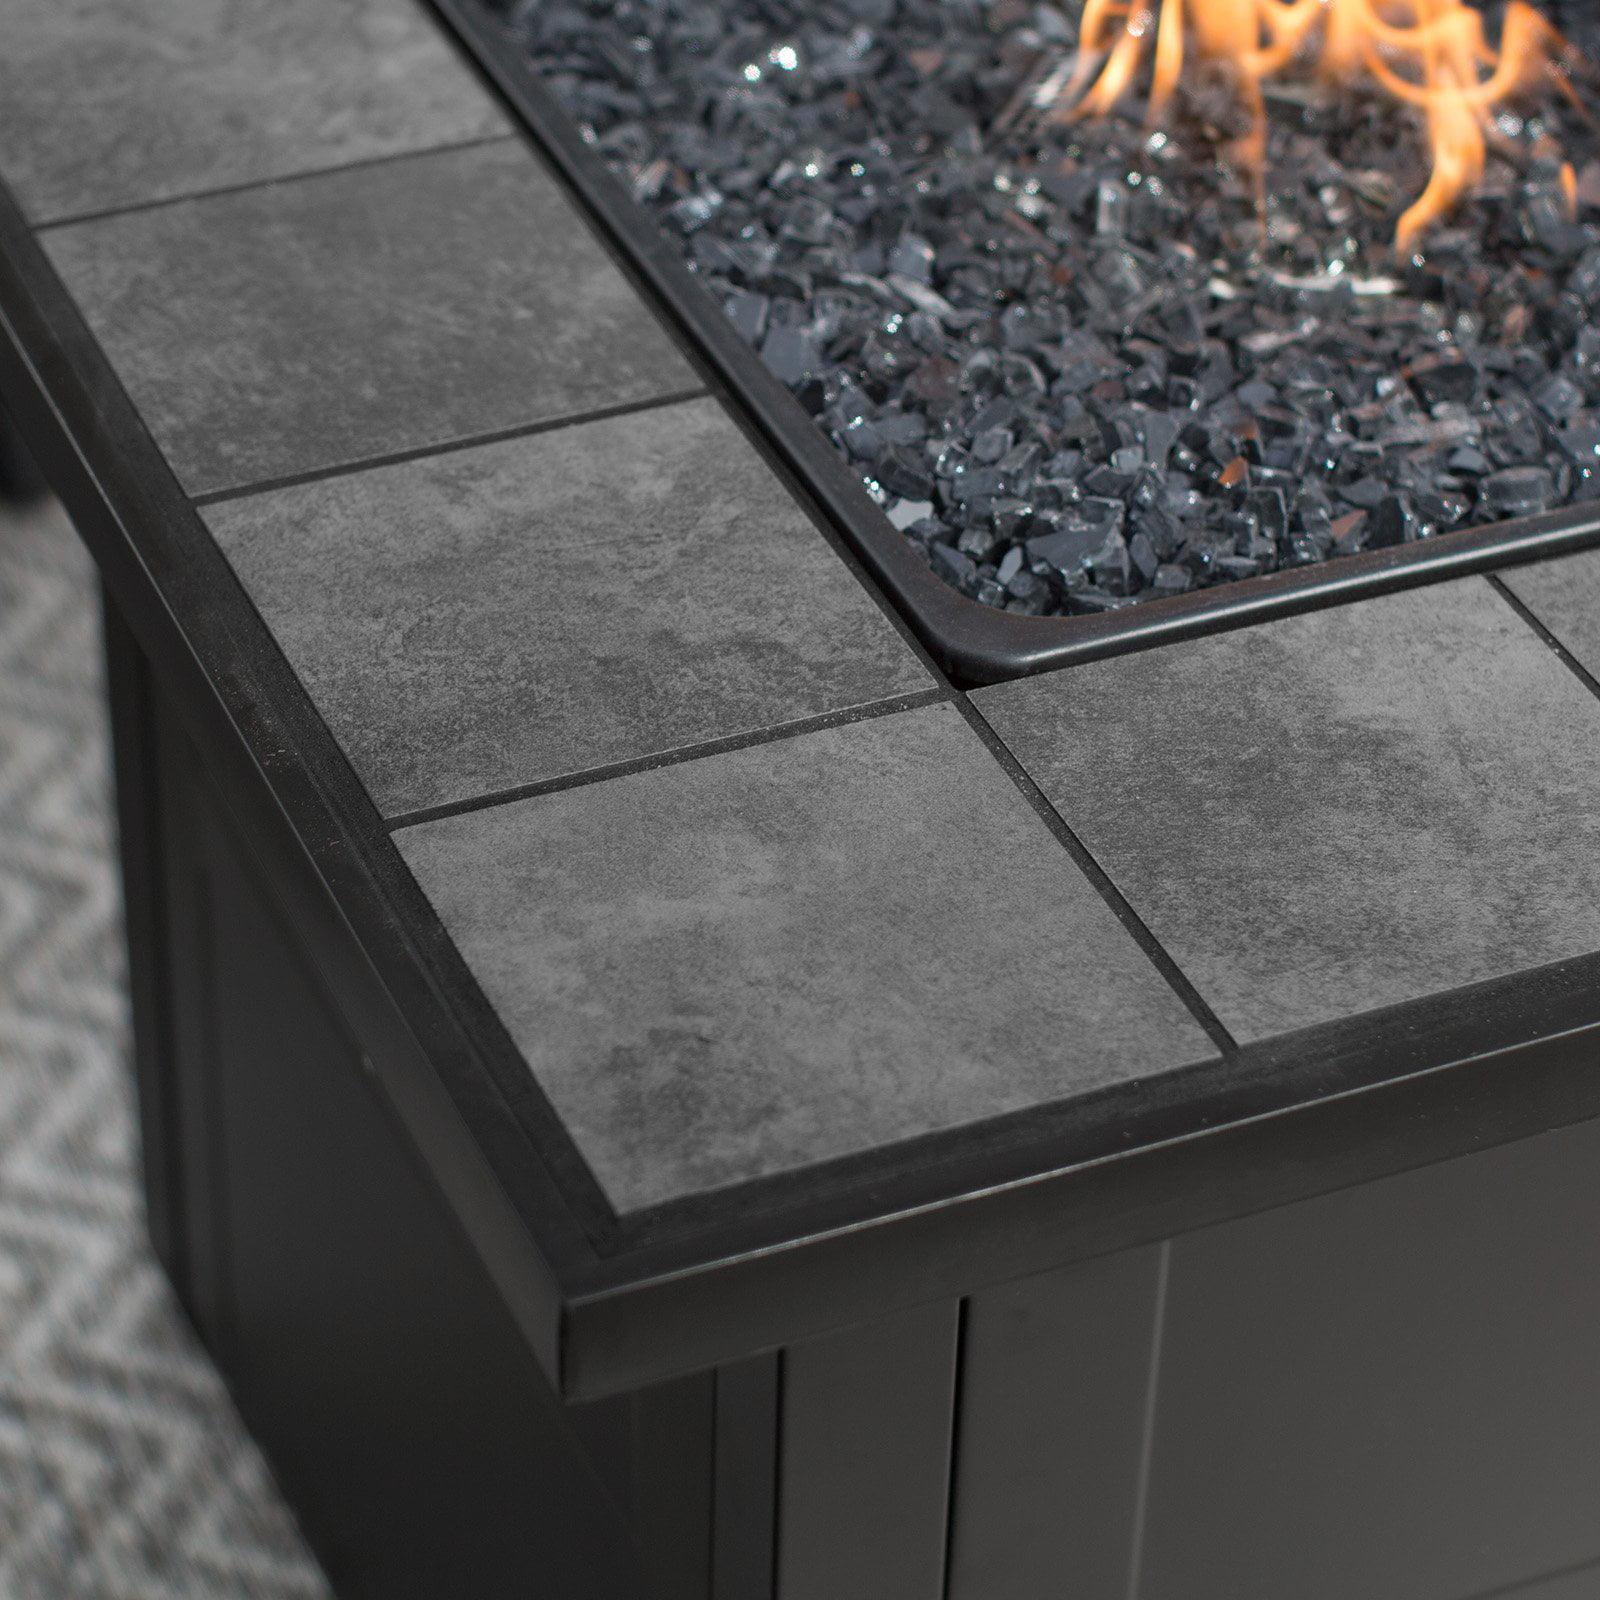 Uniflame Lp Gas Ceramic Tile Fire Pit Table Walmart